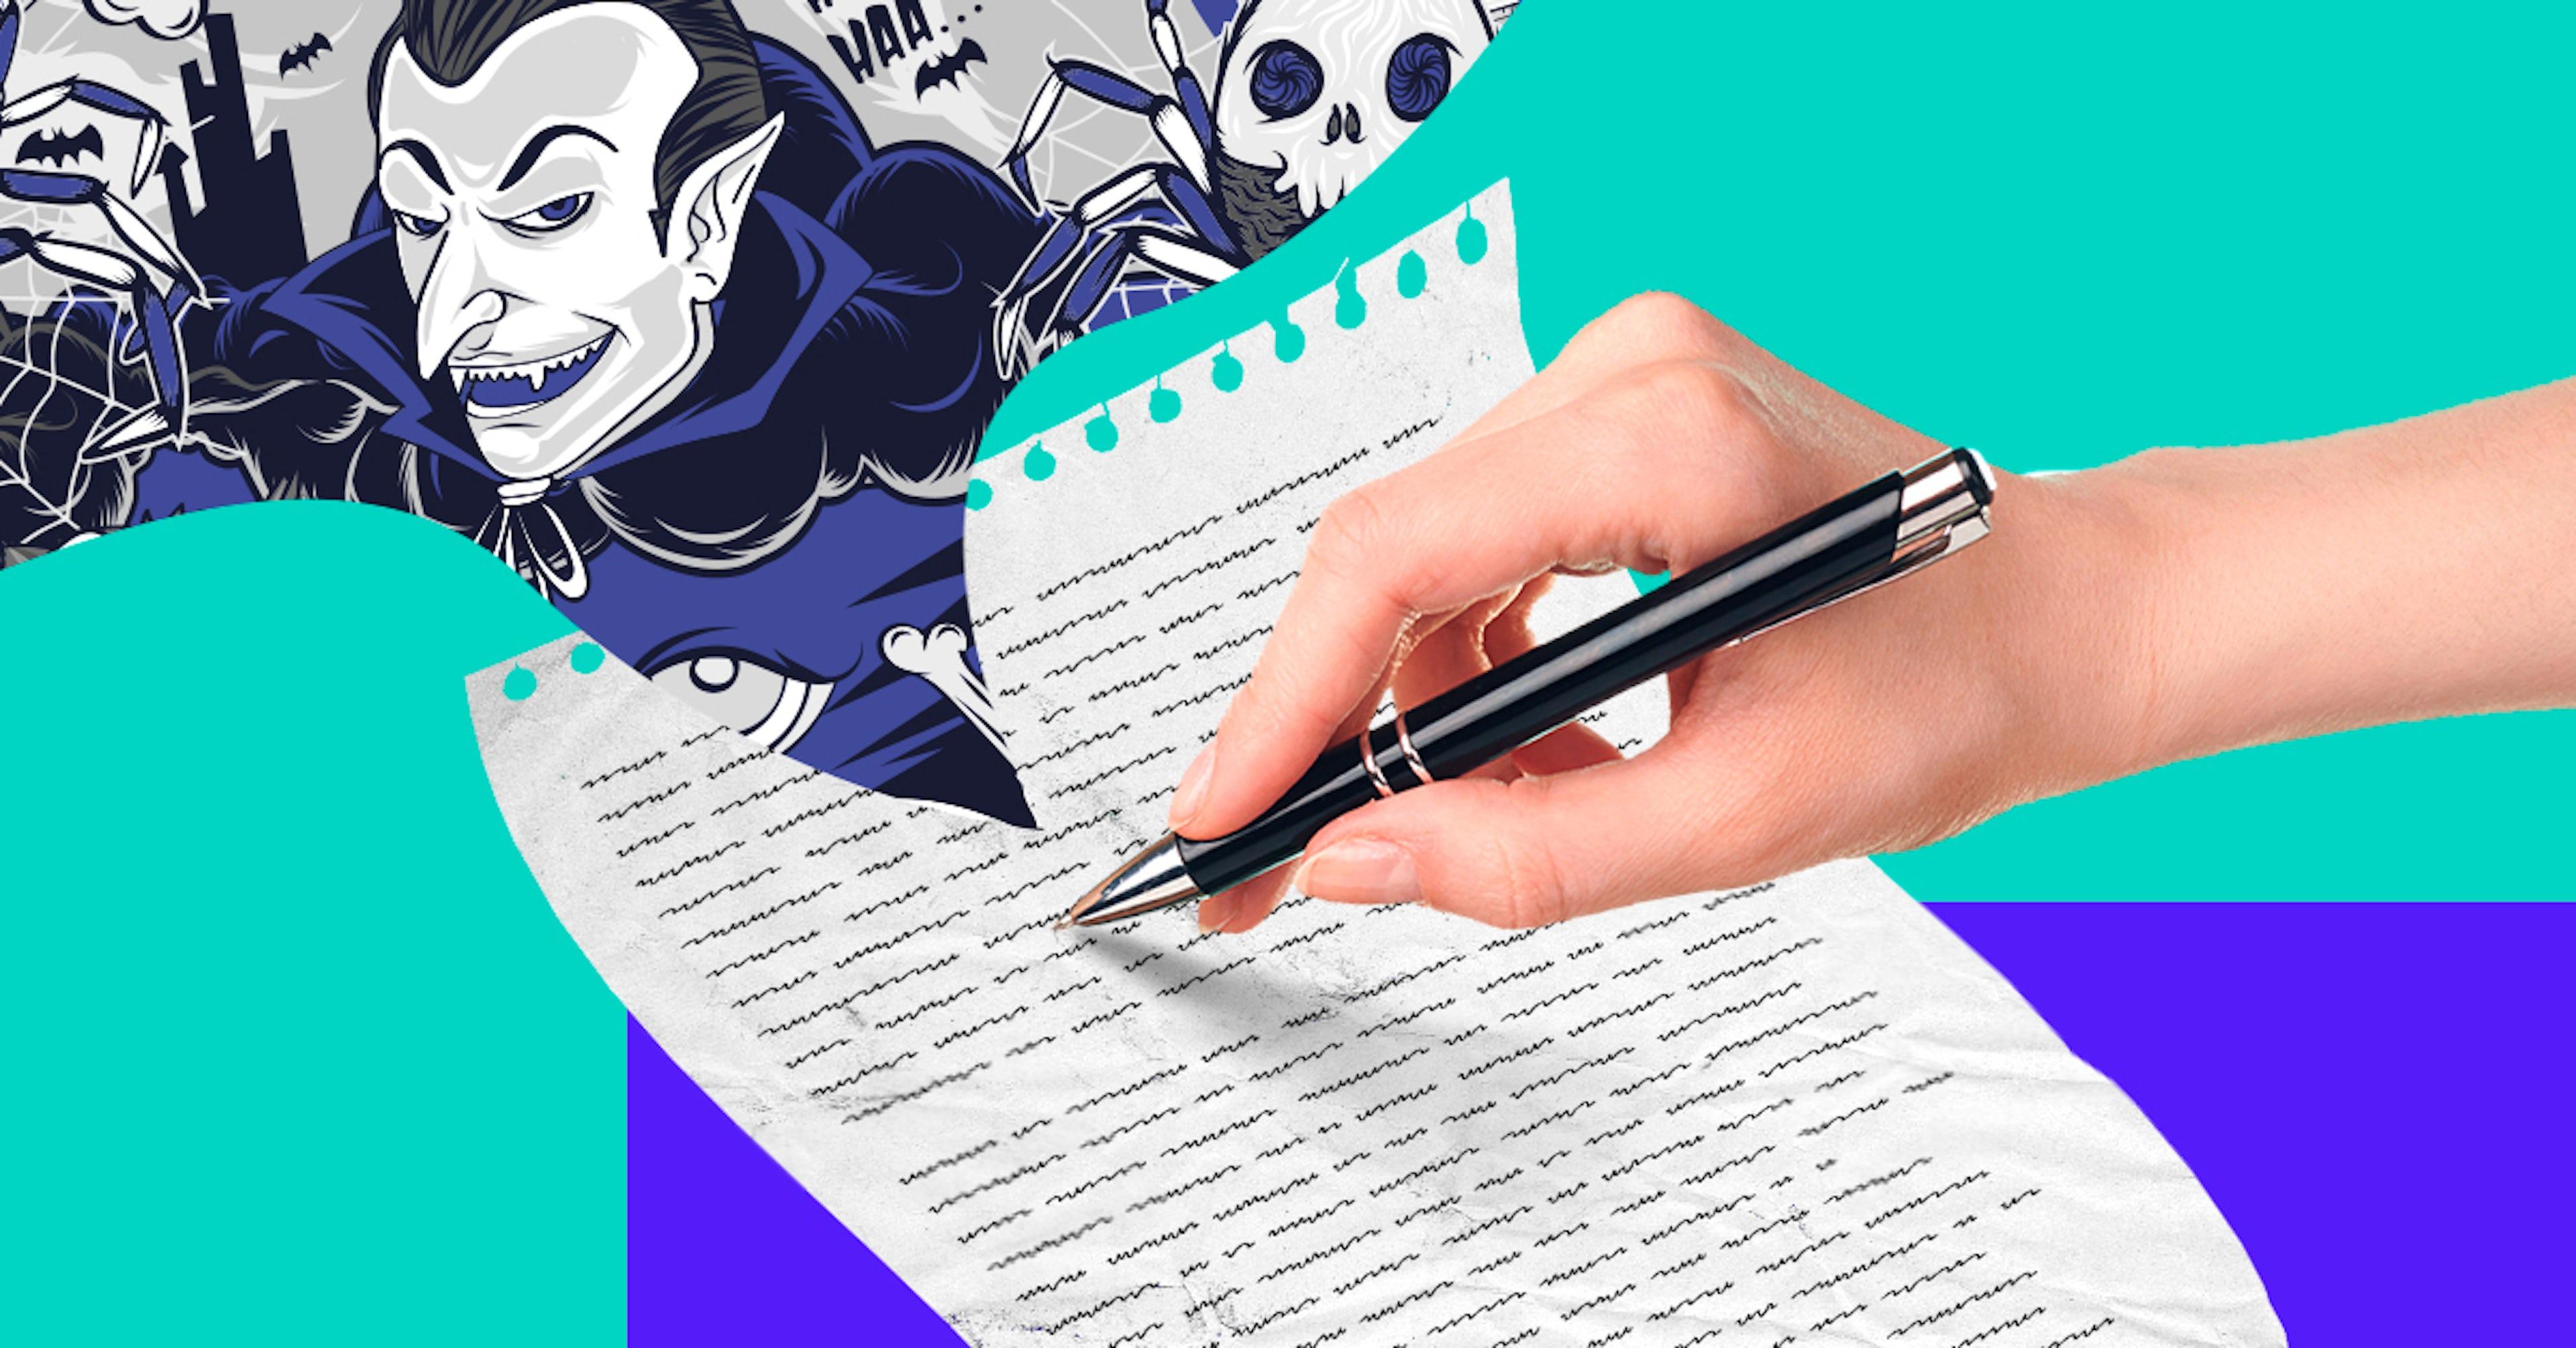 Cómo crear personajes: 10 tips para escribir personajes grandiosos